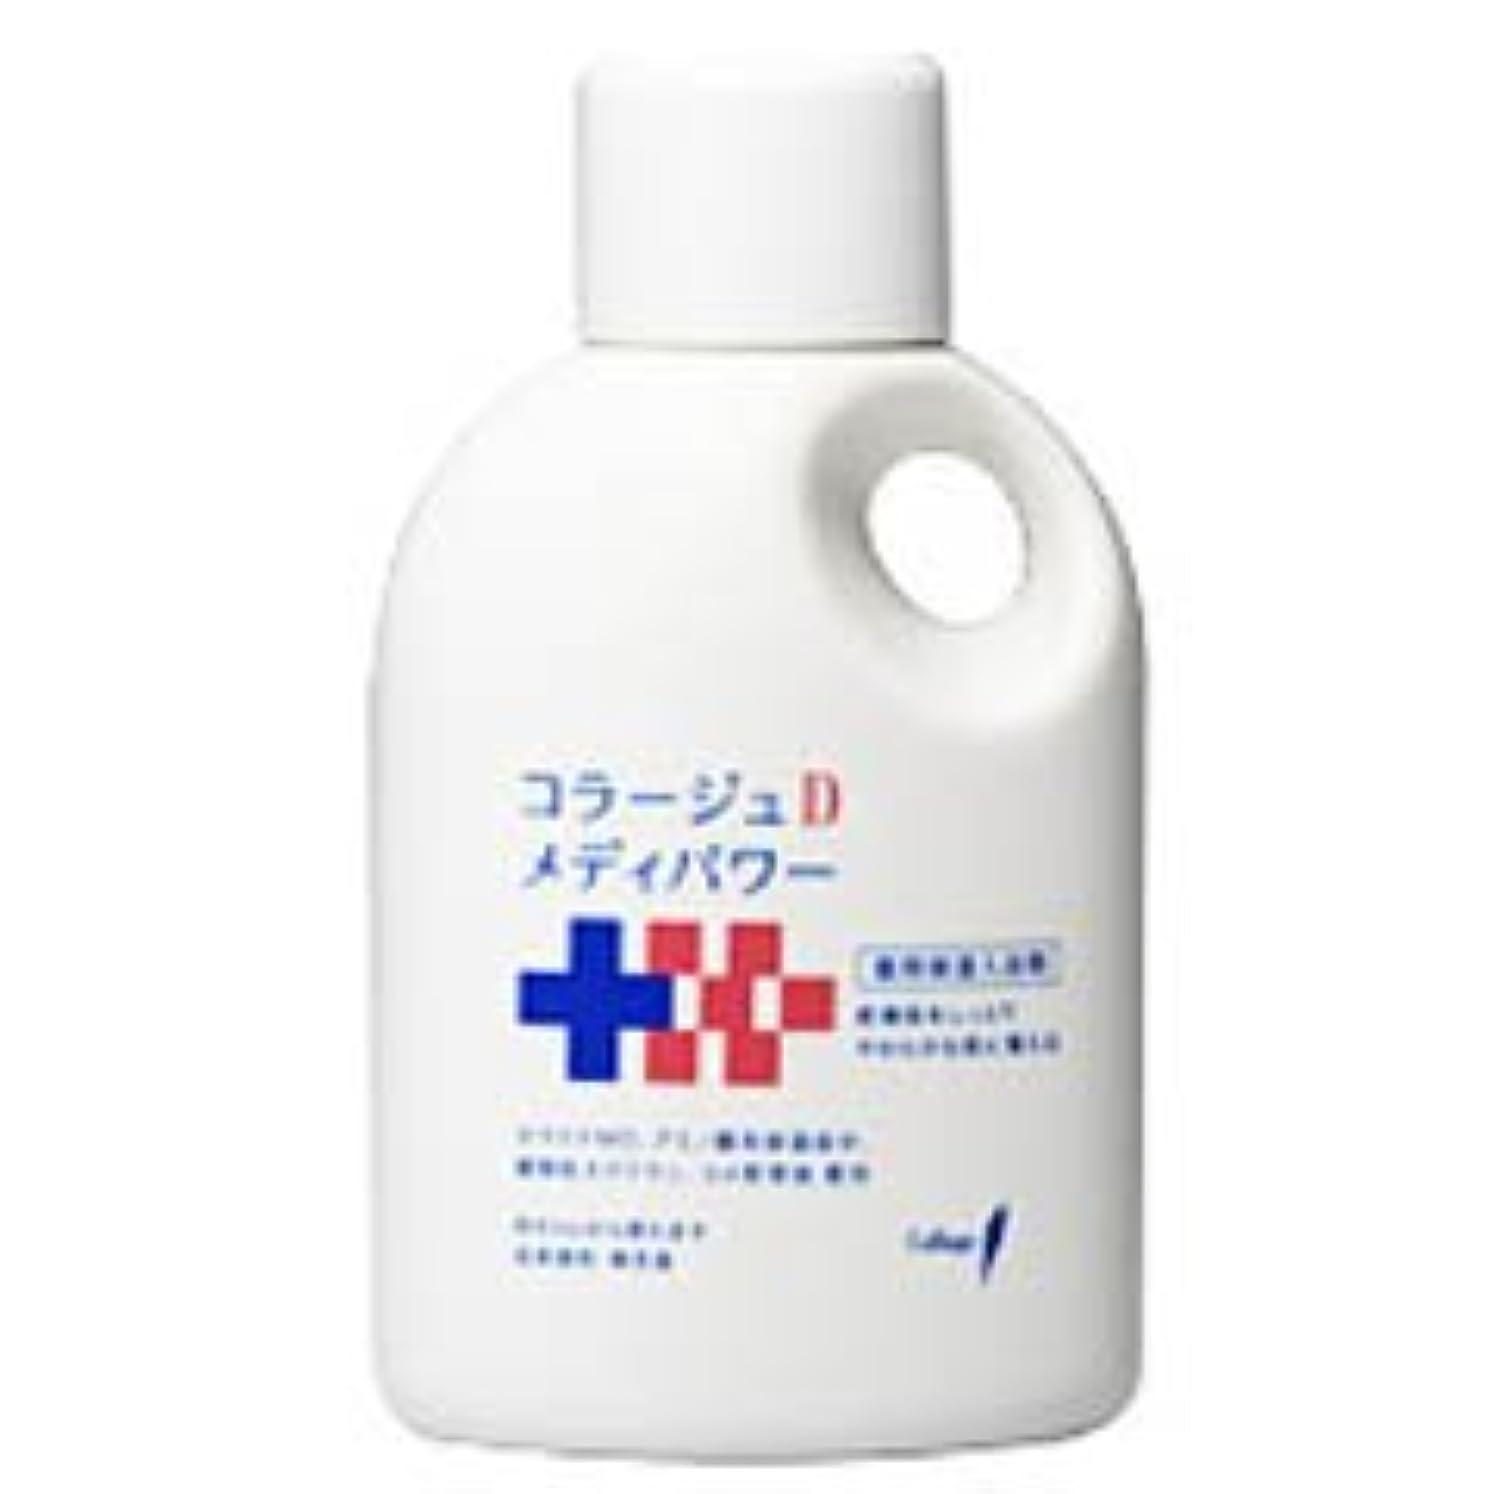 スラッシュコードクレーター【持田ヘルスケア】コラージュD メディパワー 保湿入浴液 500ml